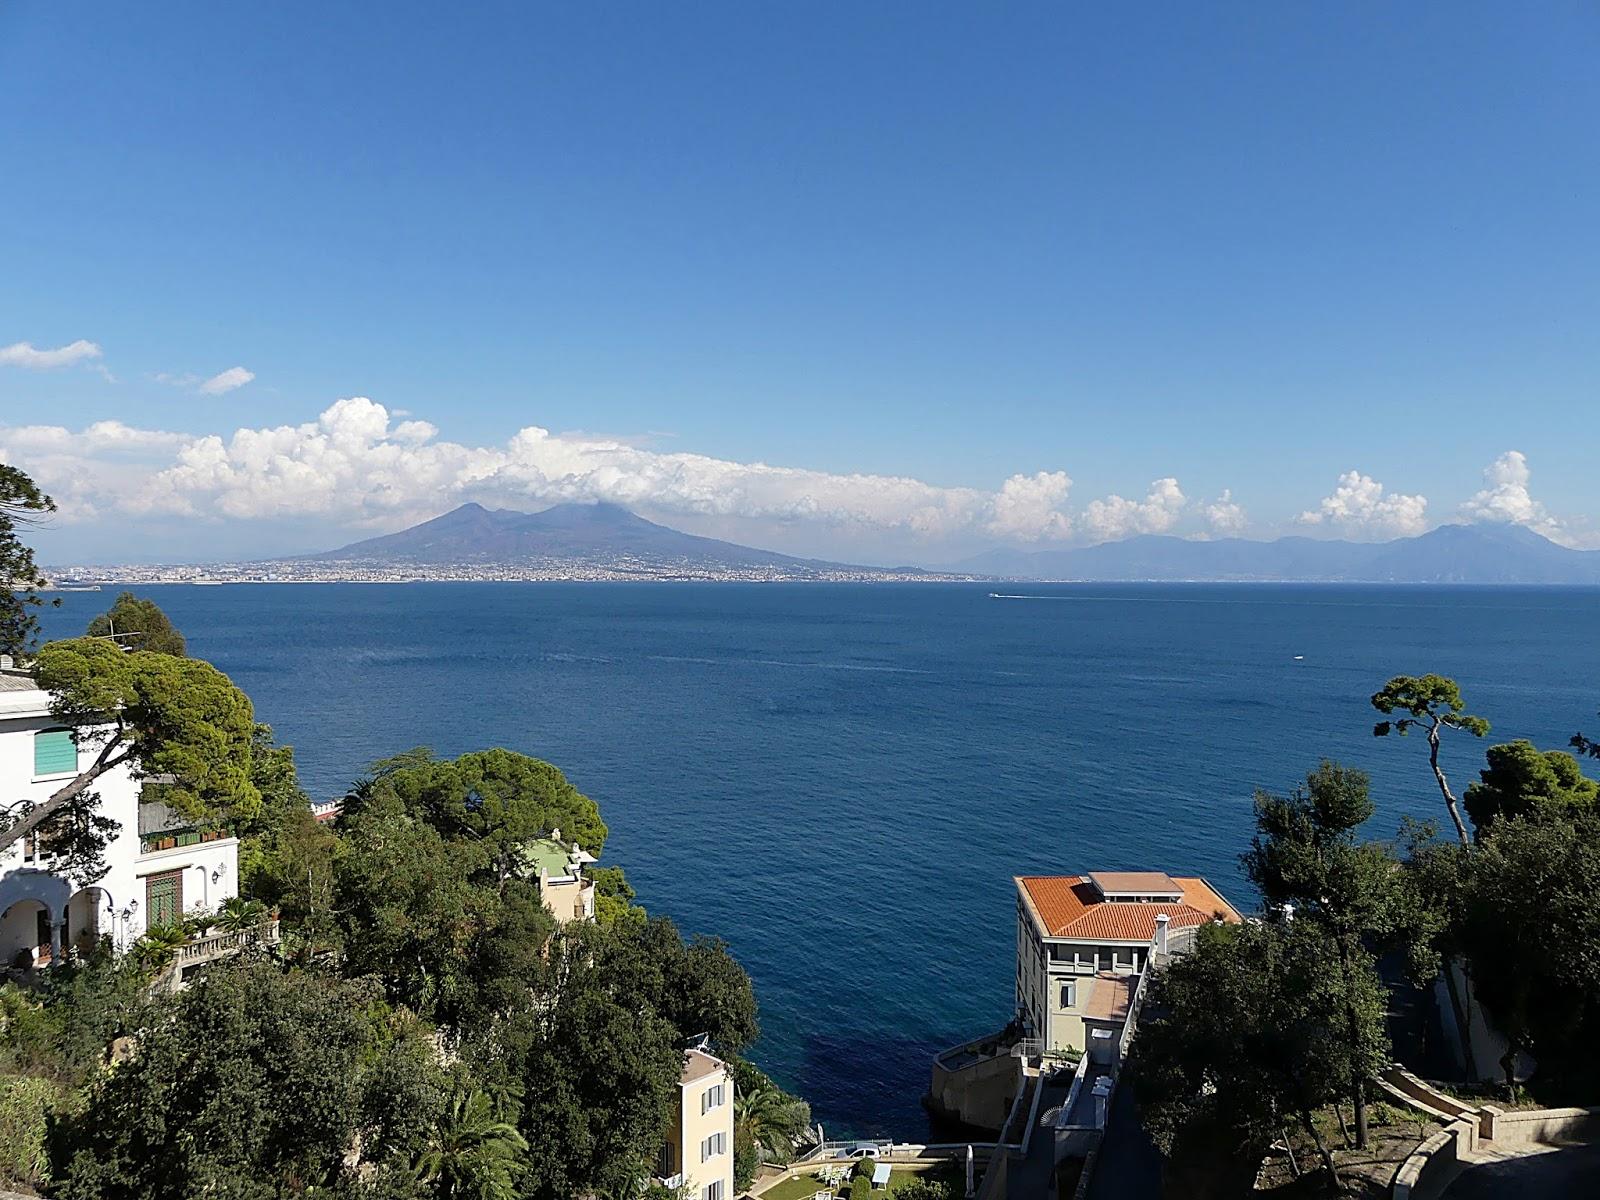 Włochy, Neapol, Capri, Sorrento